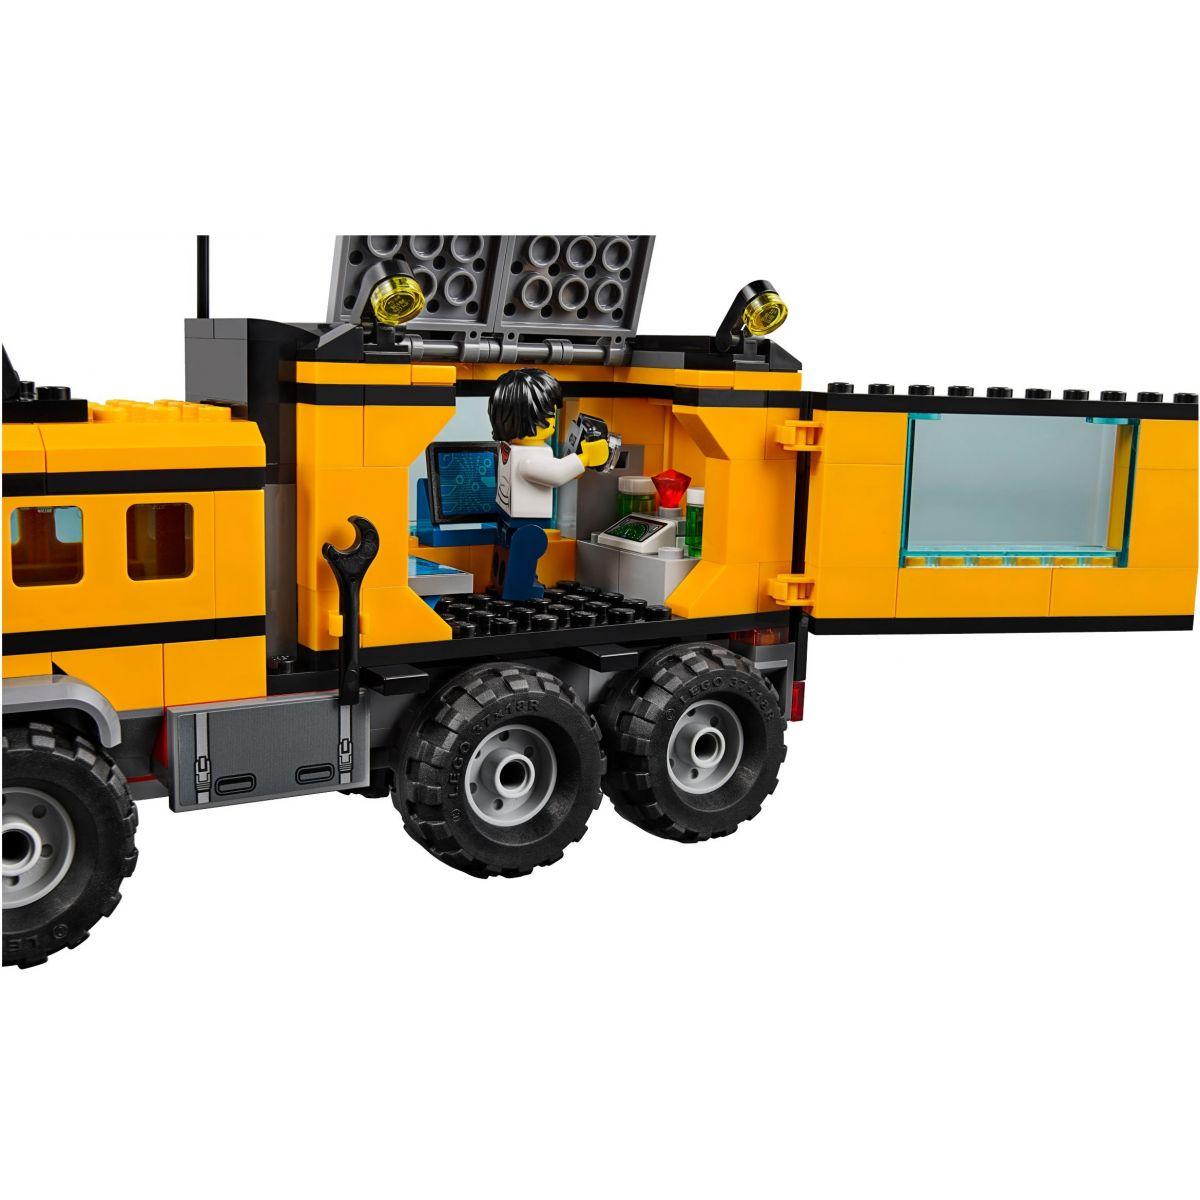 LEGO City 60160 Mobilní laboratoř do džungle #4